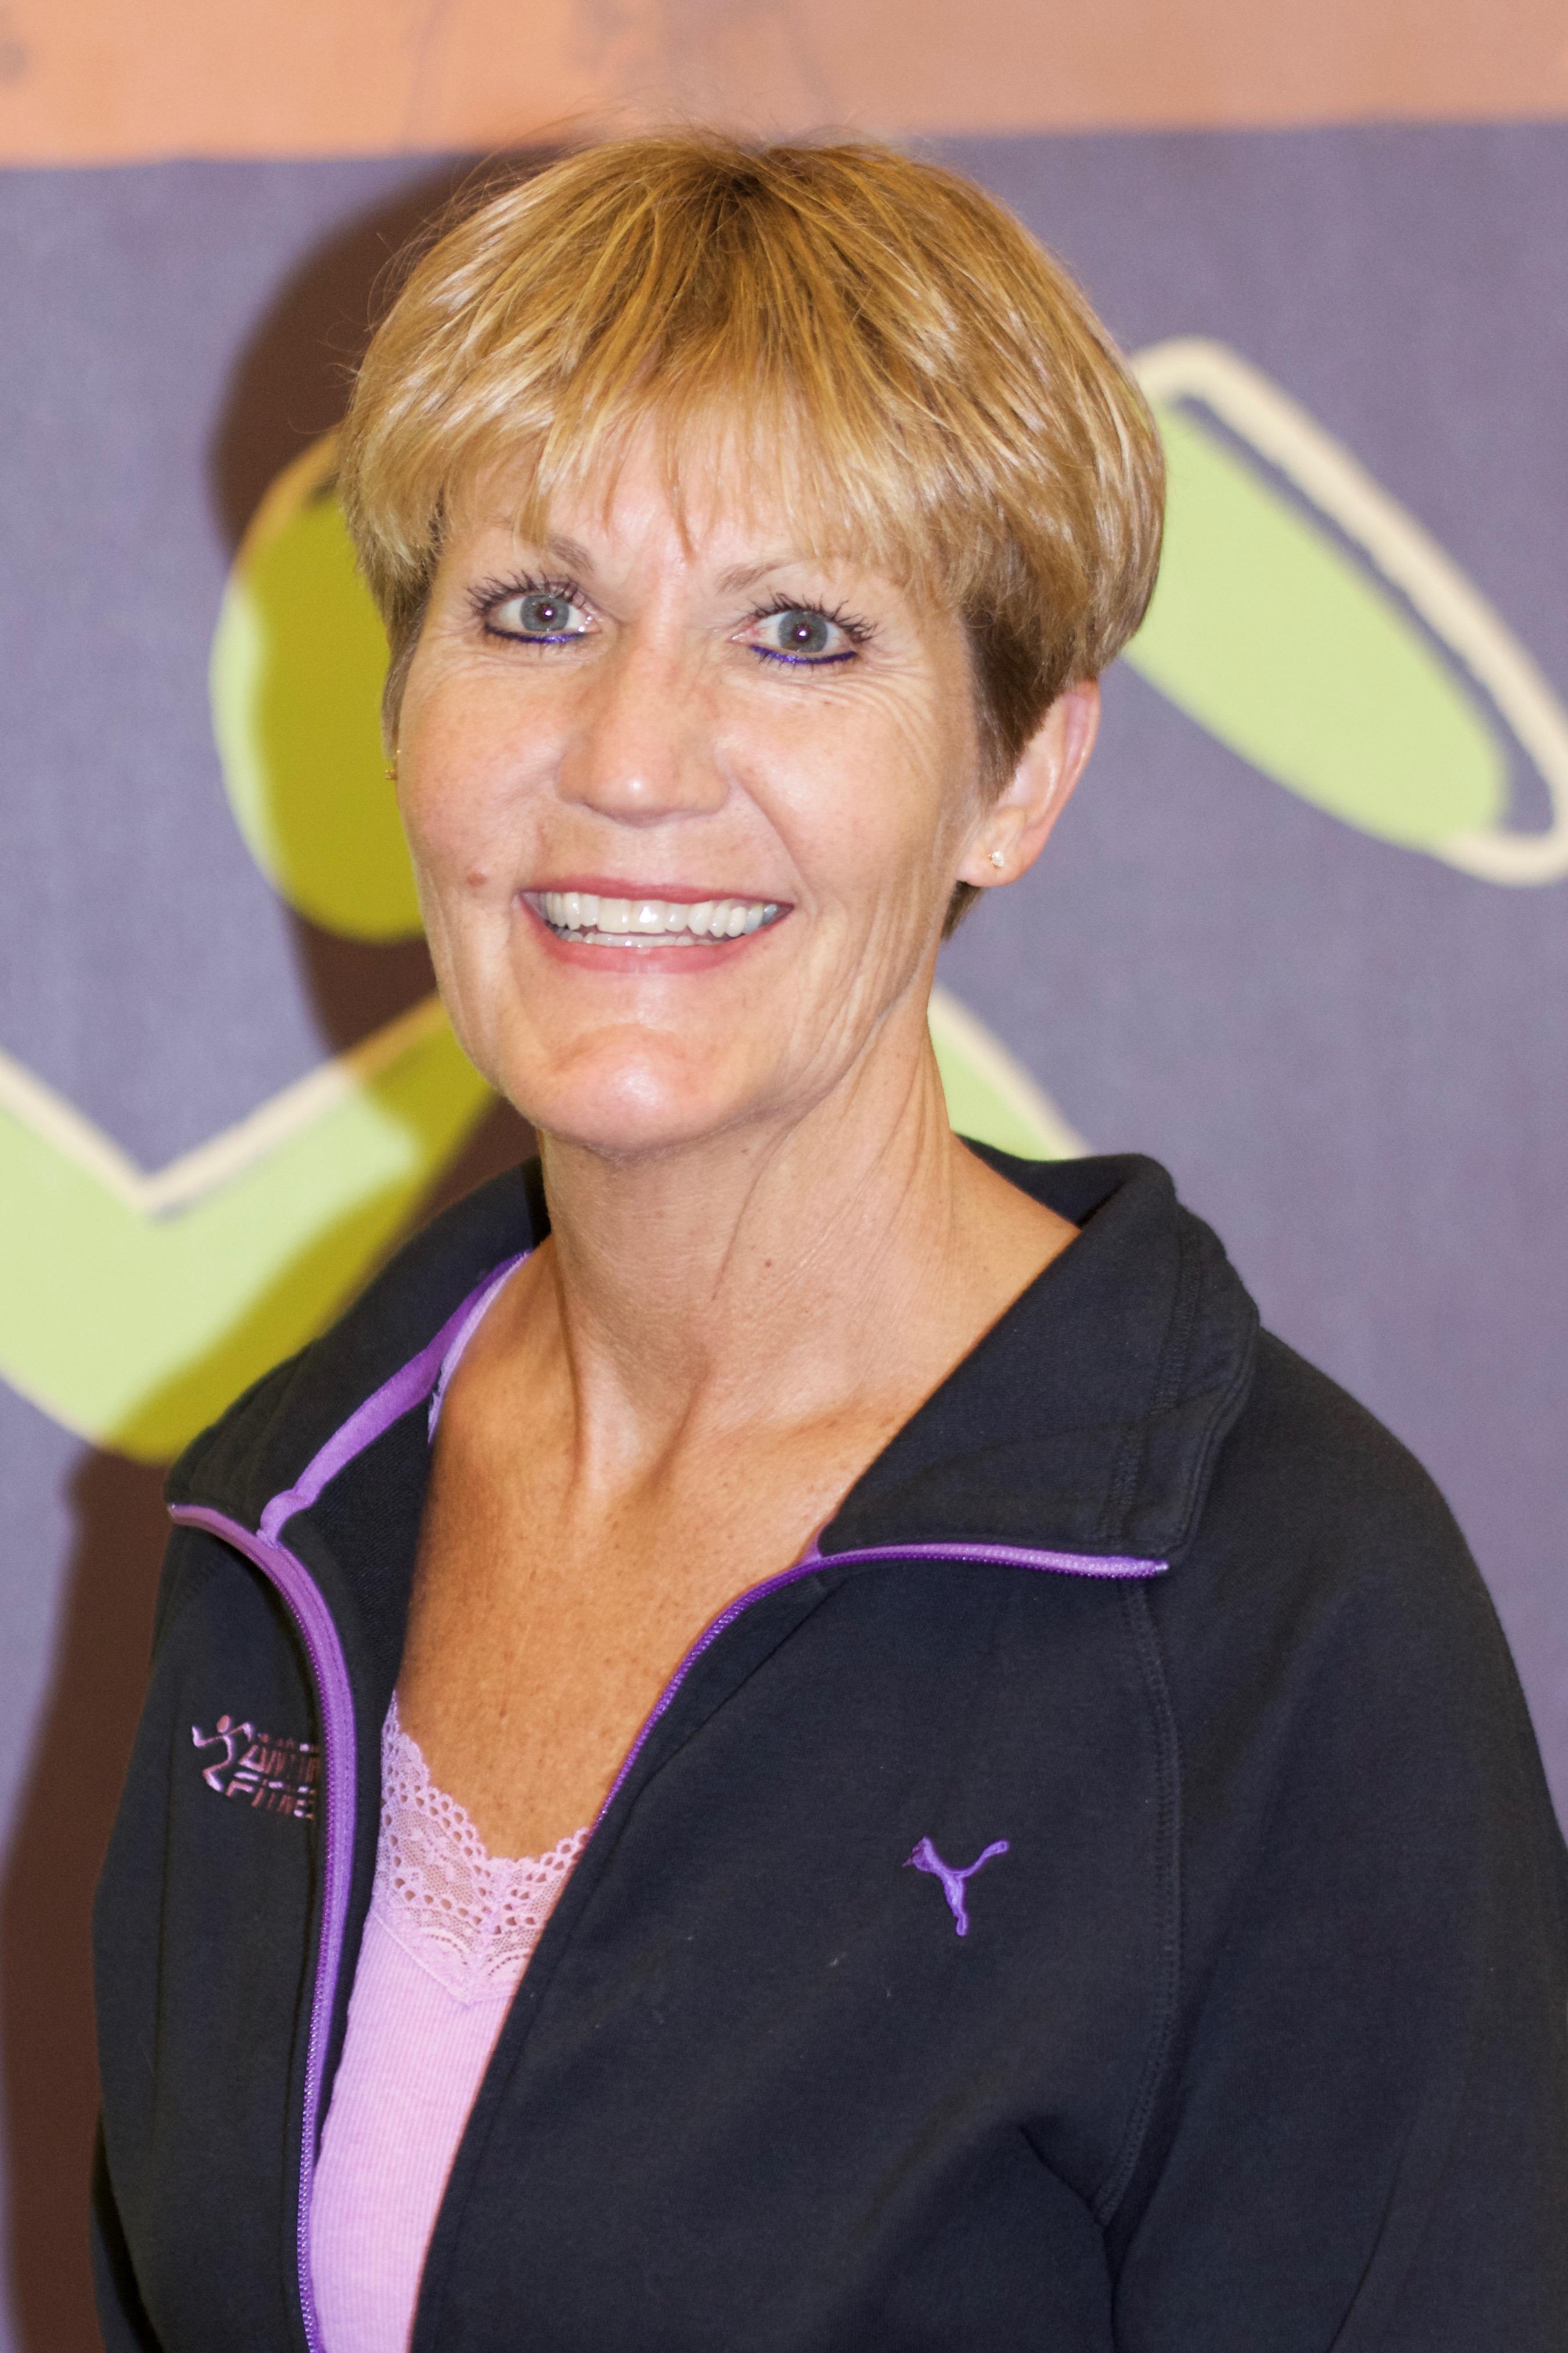 Vicki Sumption